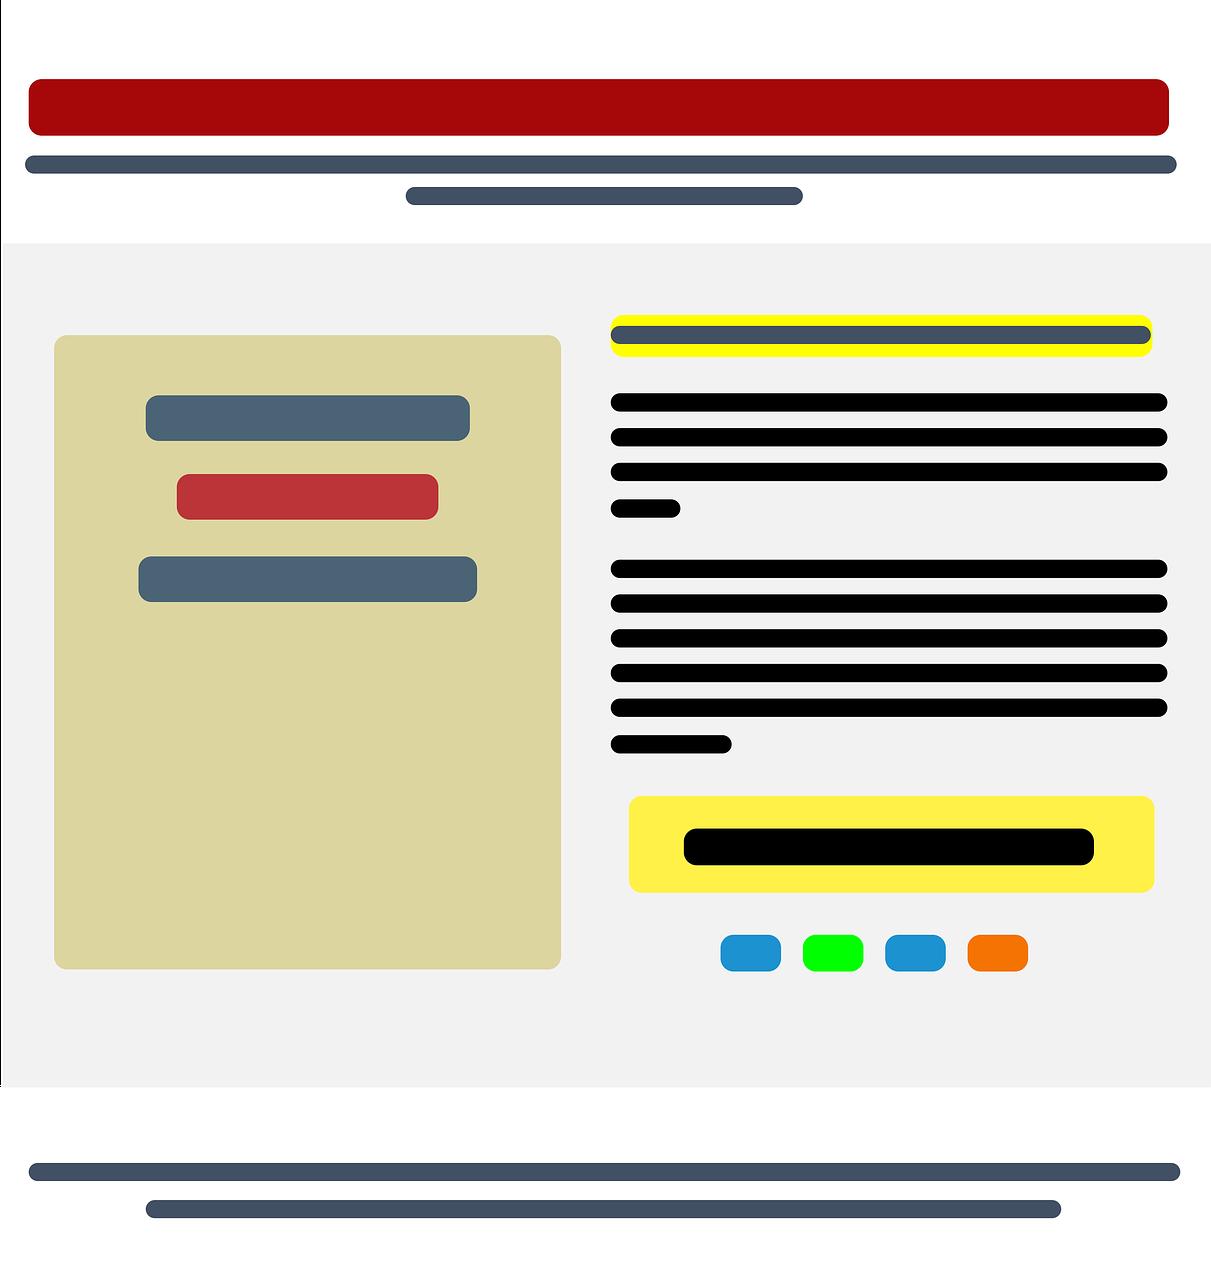 Las mejores prácticas de optimización de Landing Pages